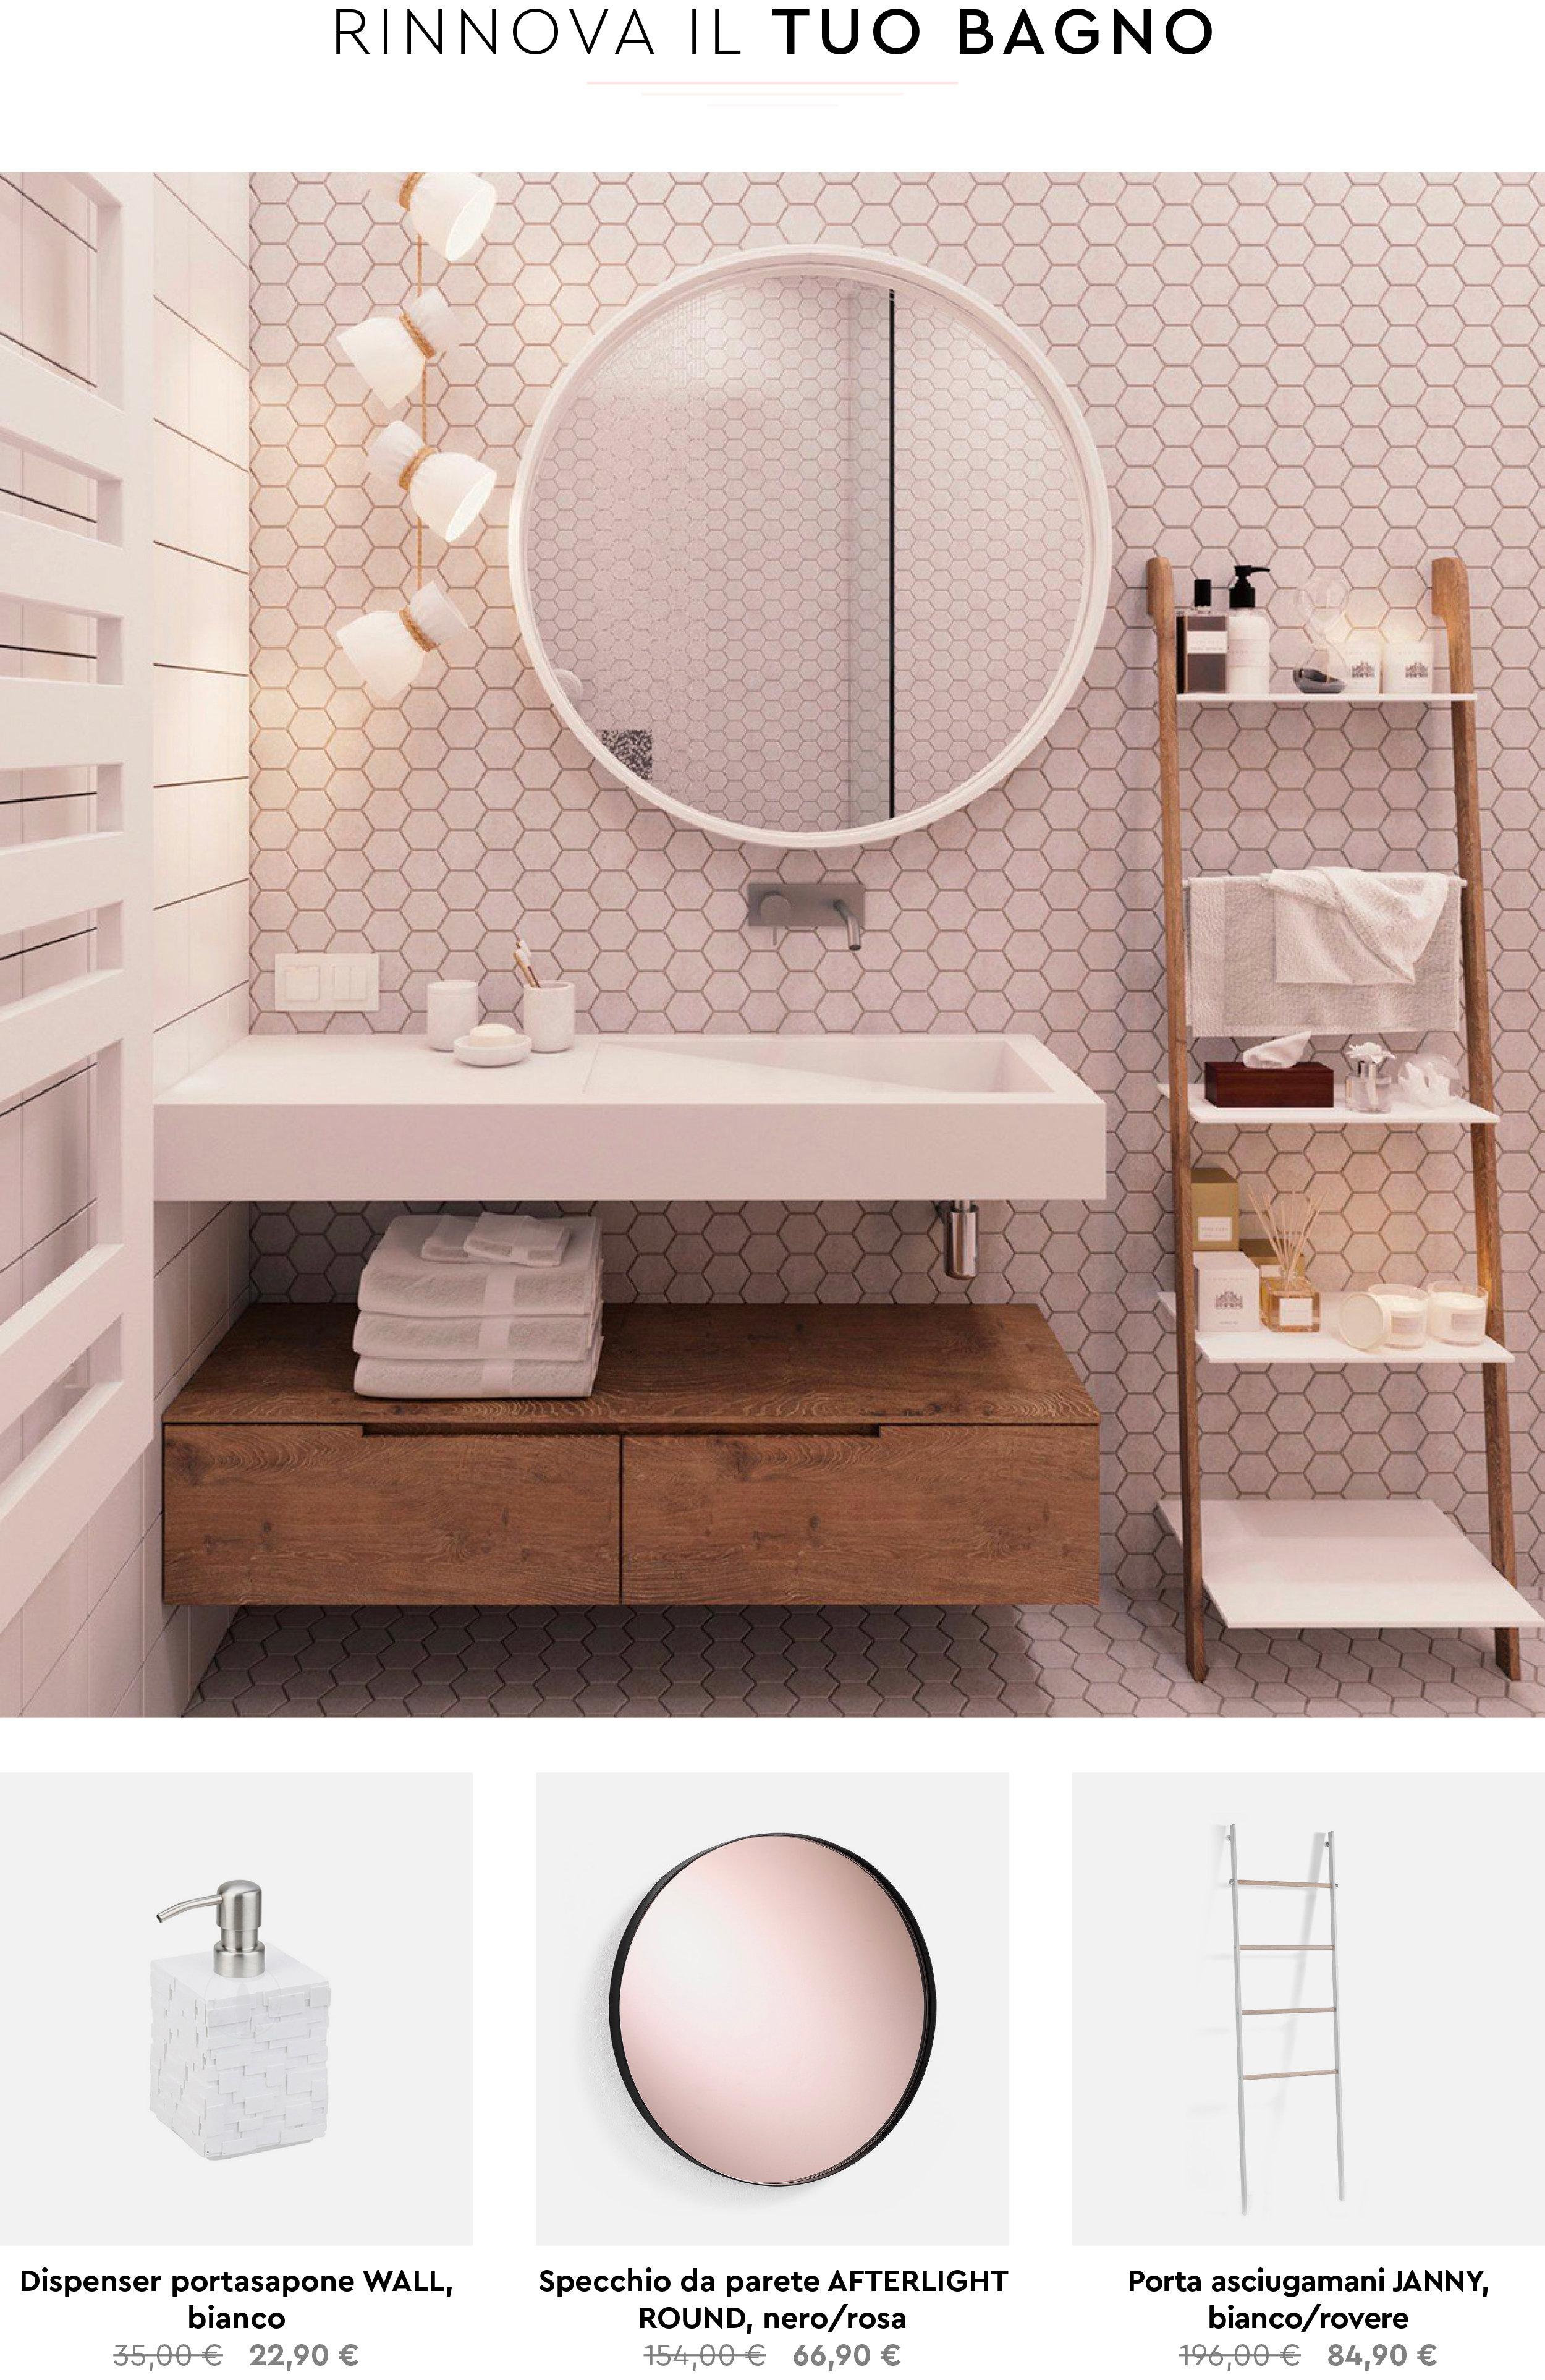 Rinnova il tuo bagno